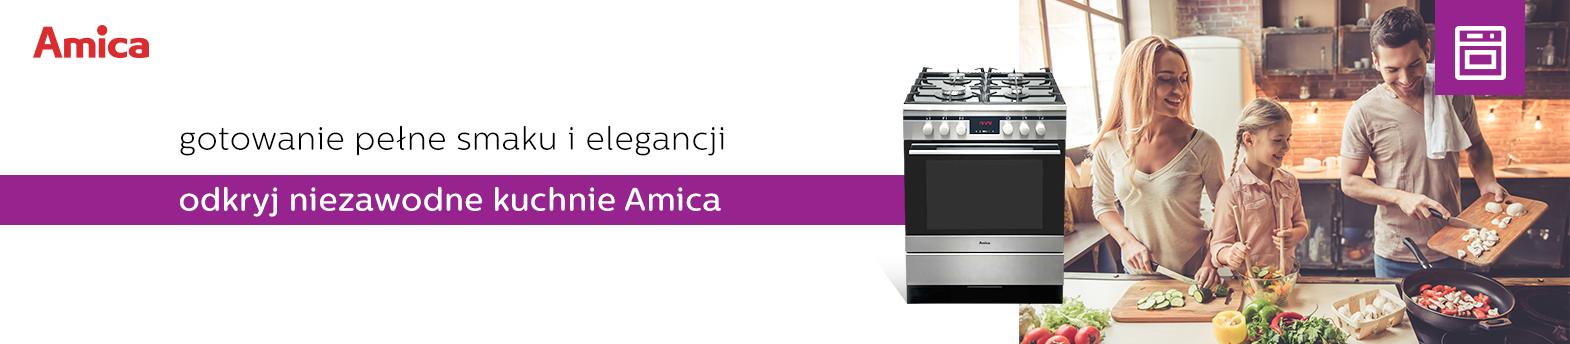 kuchnia Amica